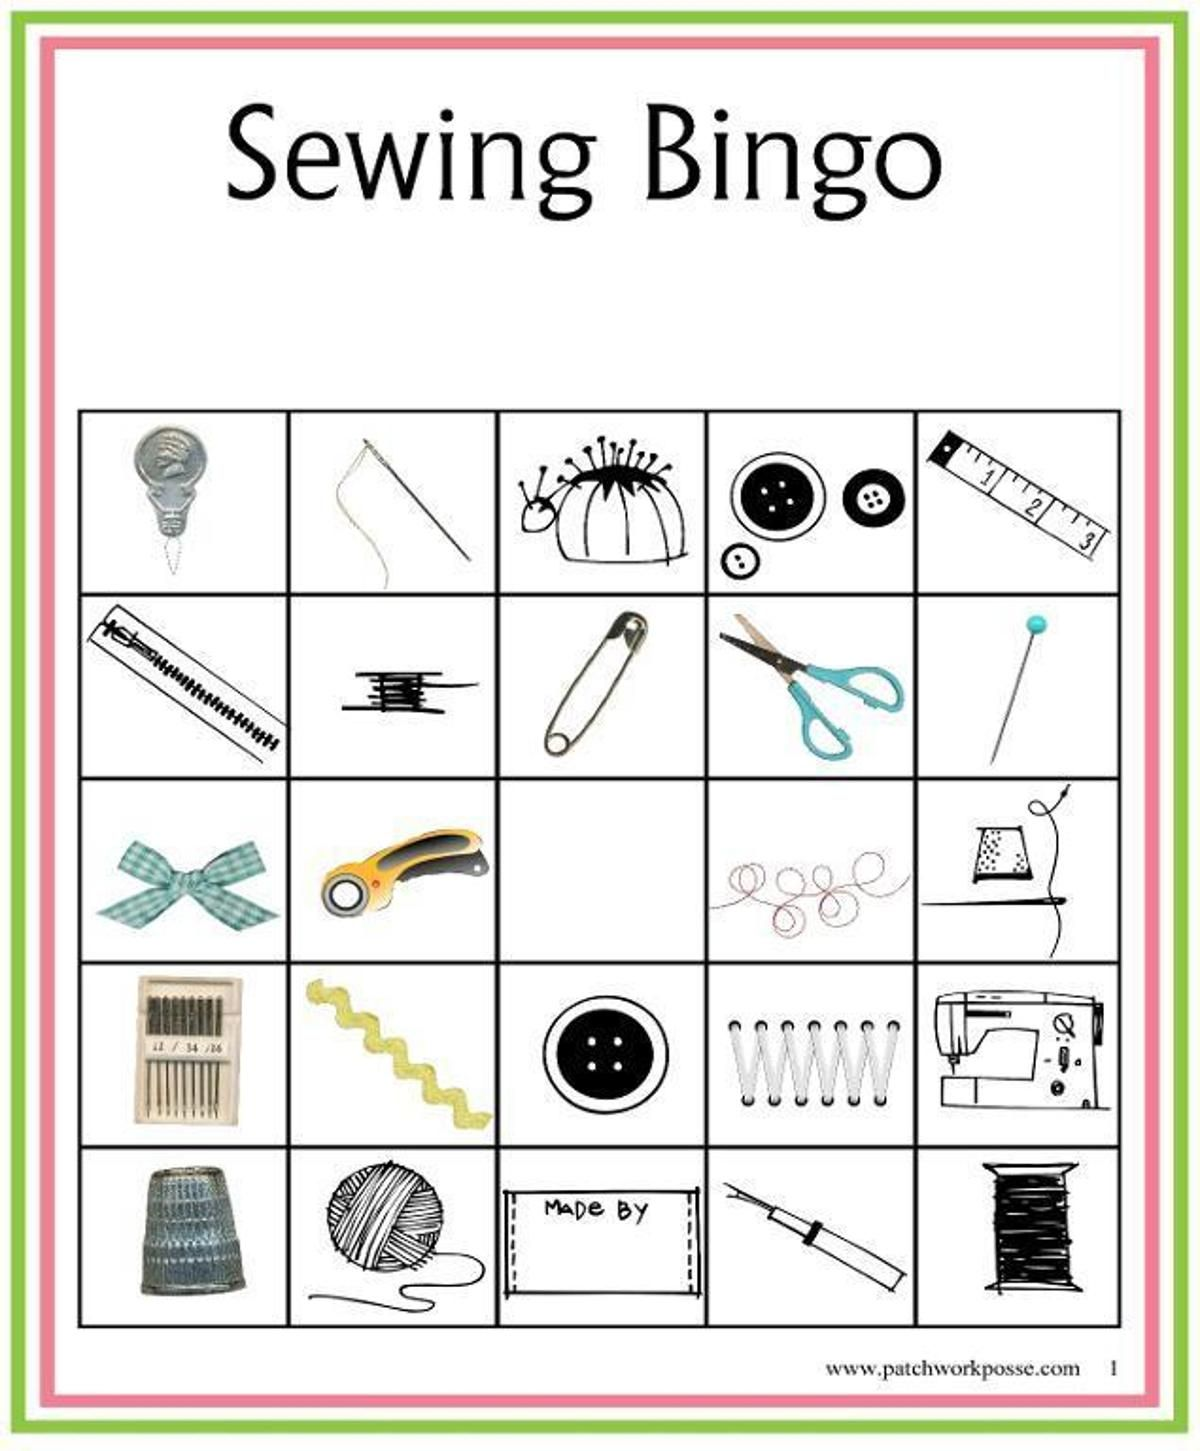 Sewing Bingo Board Game Printable